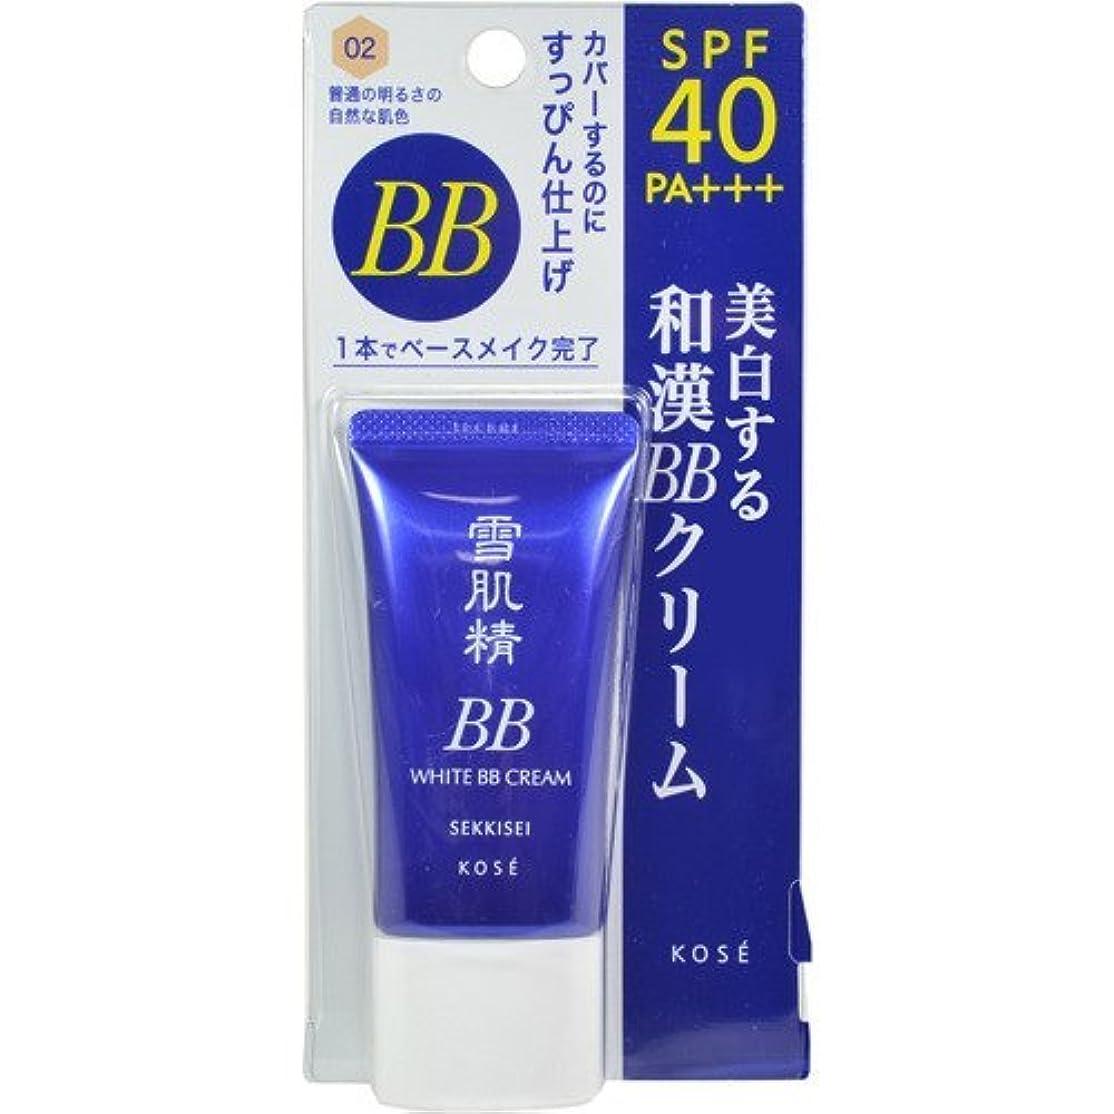 メロディアスアスレチックパッケージコーセー 雪肌精 ホワイト BBクリーム 02  30g